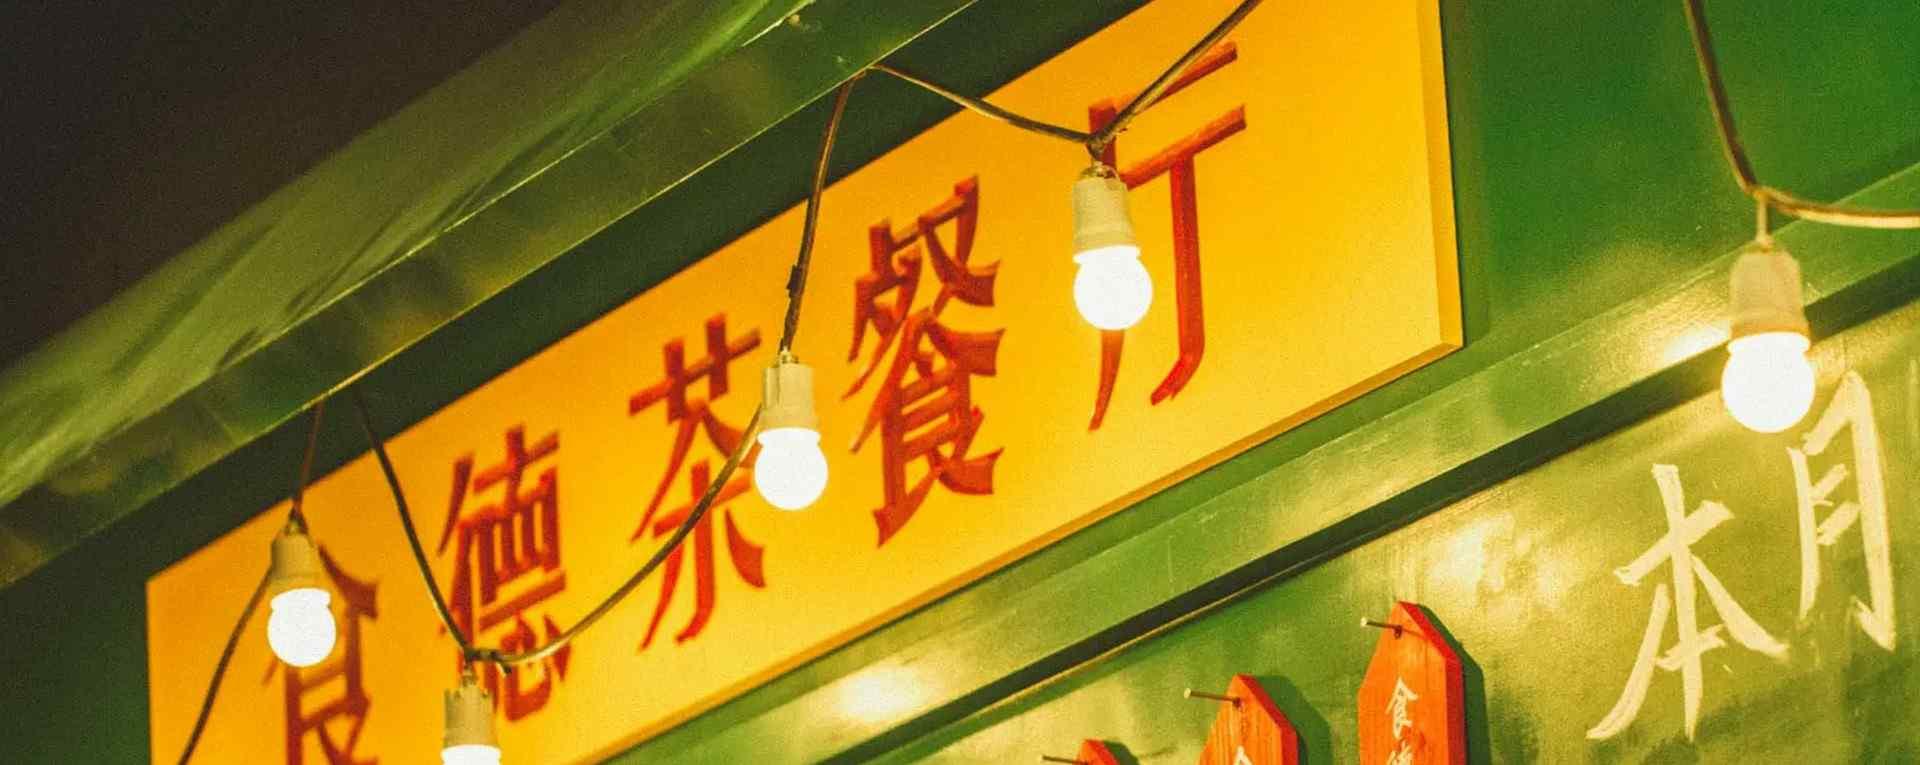 香港茶餐厅_香港特色小吃_香港甜品_香港美食壁纸